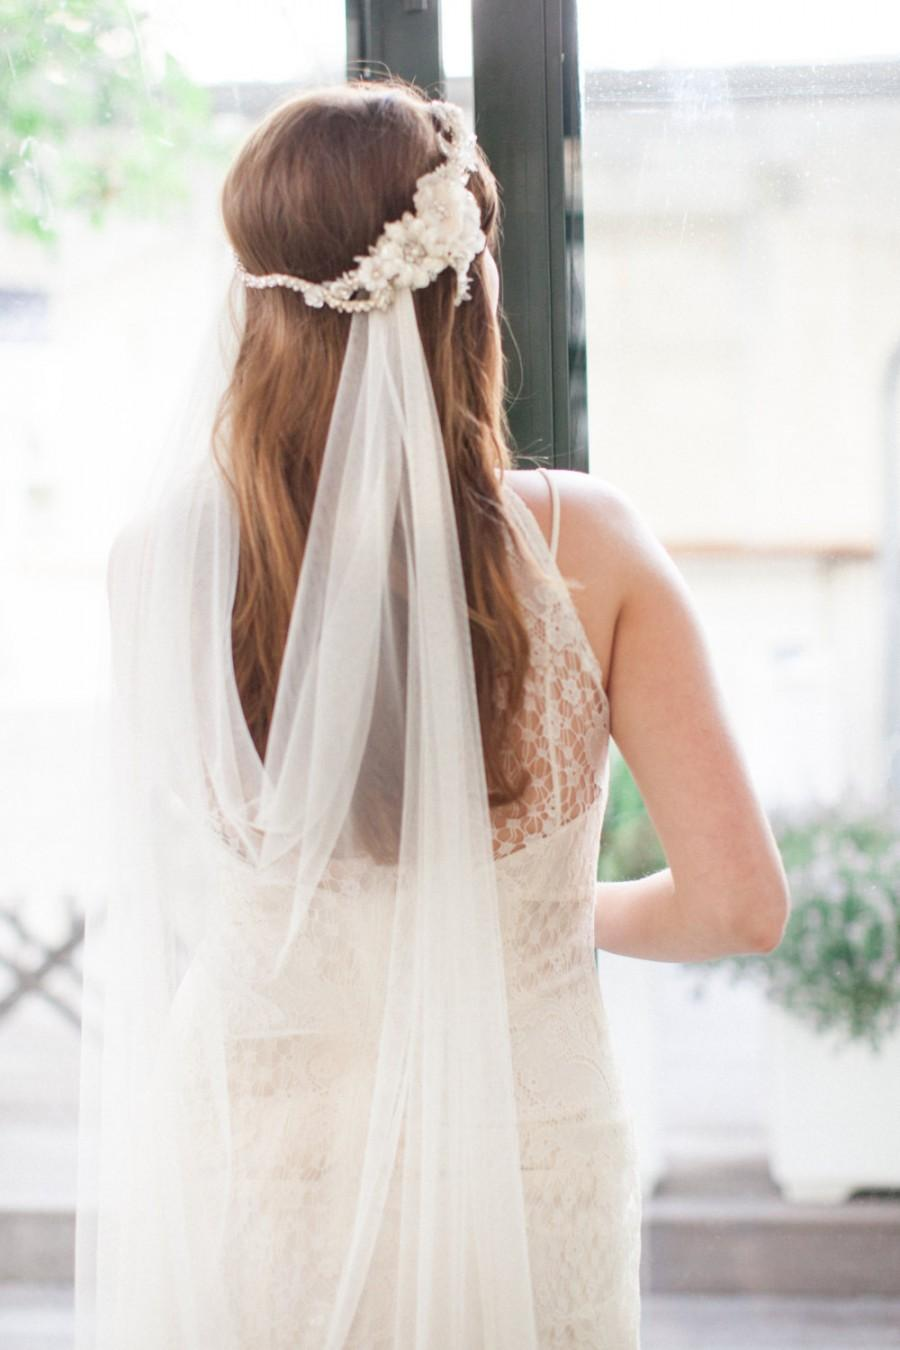 Hochzeit - Silk Tulle Veil - Ivory Wedding Veil - Mantilla Veil - Elbow Length Veil - Simple Bridal Veil - Bohemian Bridal Headpiece - ISABEL